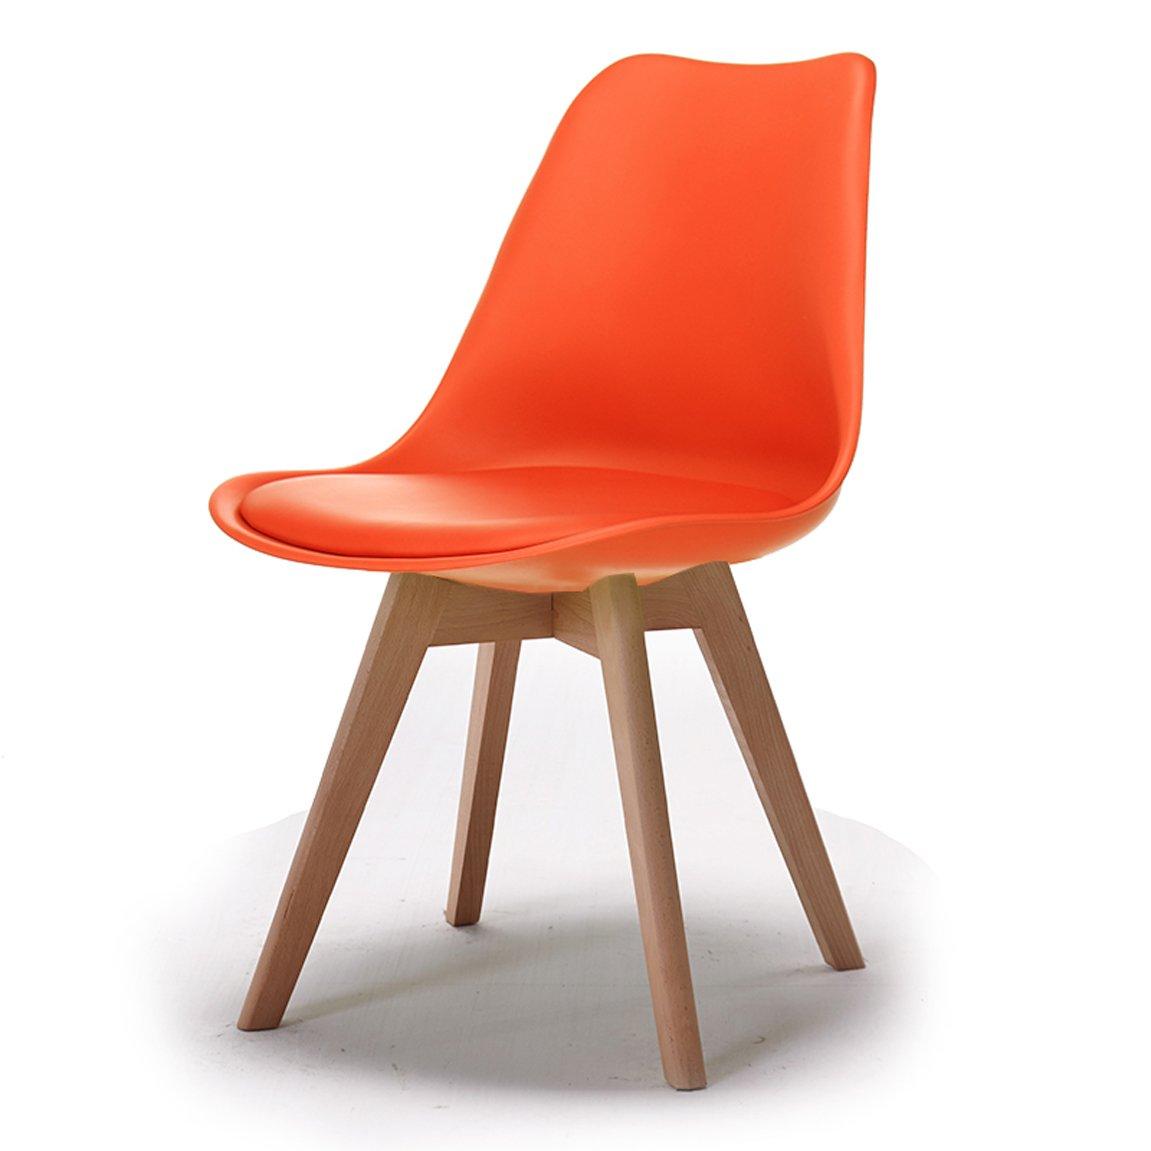 HLQW ヨーロッパスタイルのレジャーチェア、創造的な人格ダイニングチェア、モダンなカフェチェア (Color : Orange) B07RPNCB8X Orange